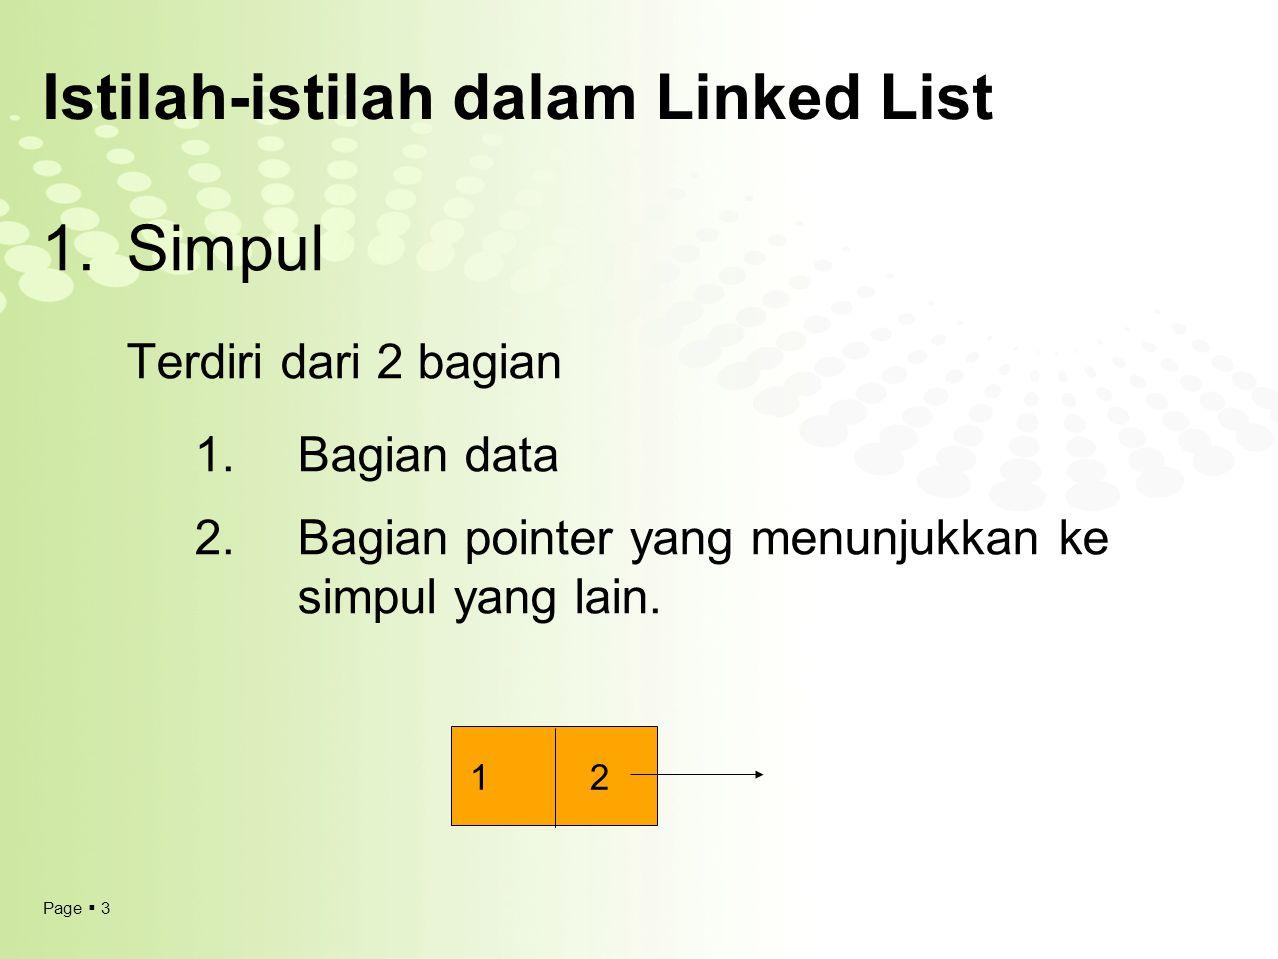 Page  3 Istilah-istilah dalam Linked List 1.Simpul Terdiri dari 2 bagian 1. Bagian data 2. Bagian pointer yang menunjukkan ke simpul yang lain. 1 2